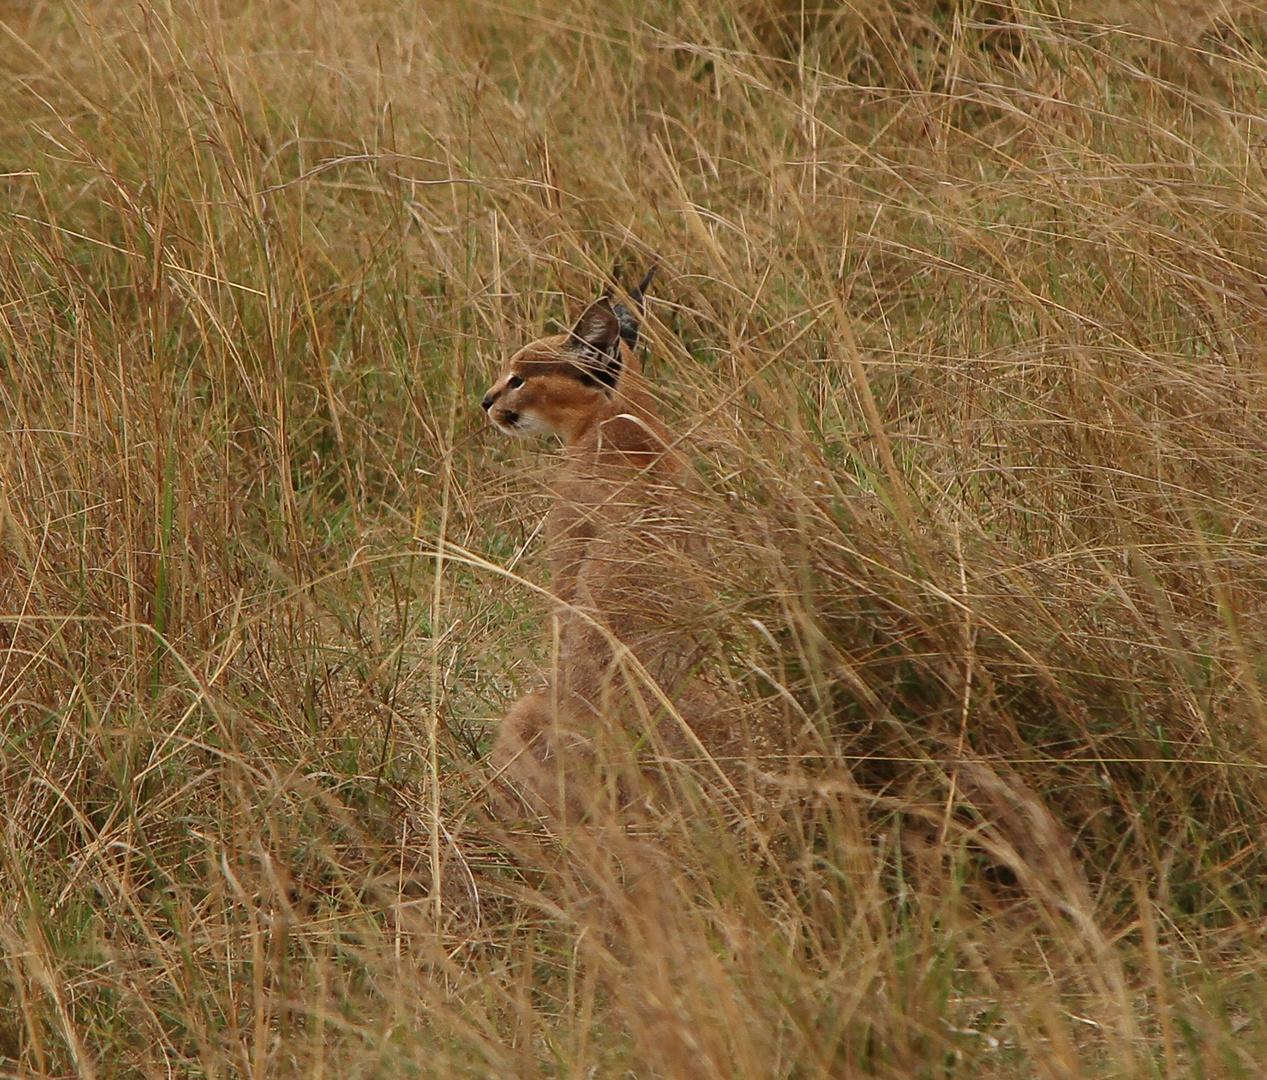 Karakal - Caracal caracal